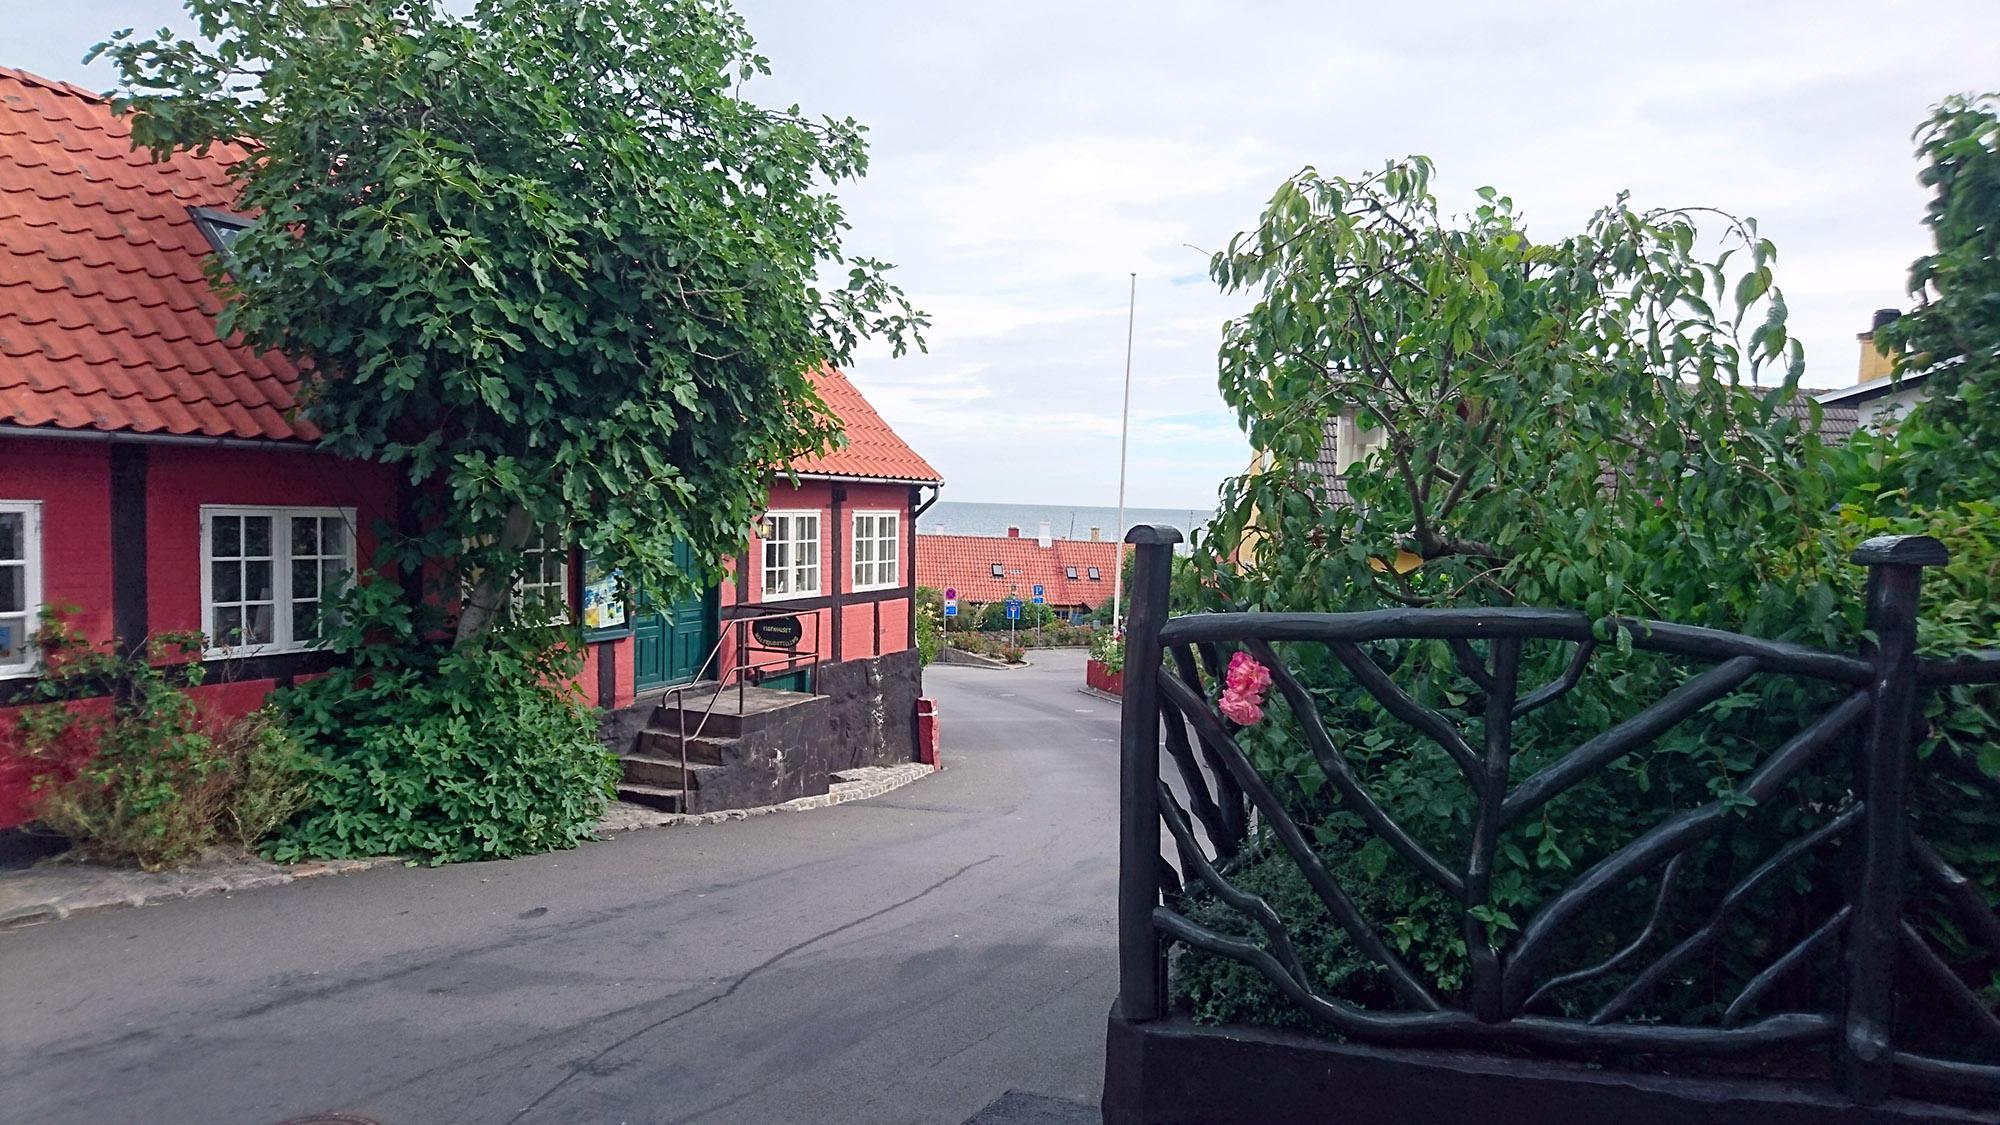 Fikonhuset i Gudhjem huserar en konstnär med ateljé, och flera stora fikonträd.